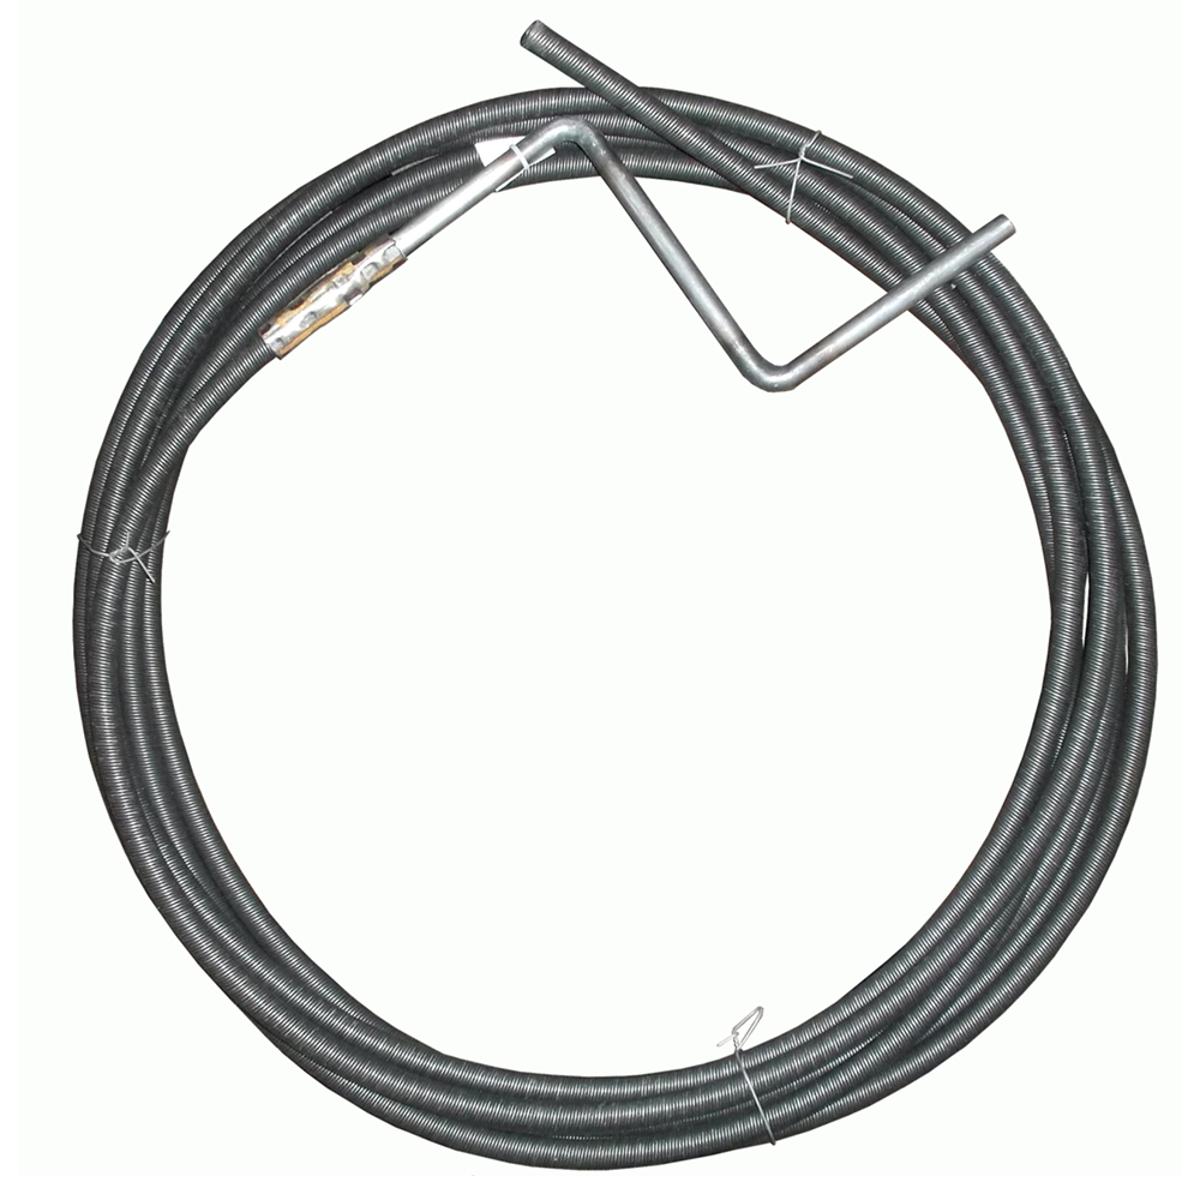 Трос пружинный для прочистки канализационных труб 9мм х 10 м МастерПрофИС.130039Трос пружинный предназначен для прочистки канализационных труб. Диаметр: 9 мм. Длина 10 метров.